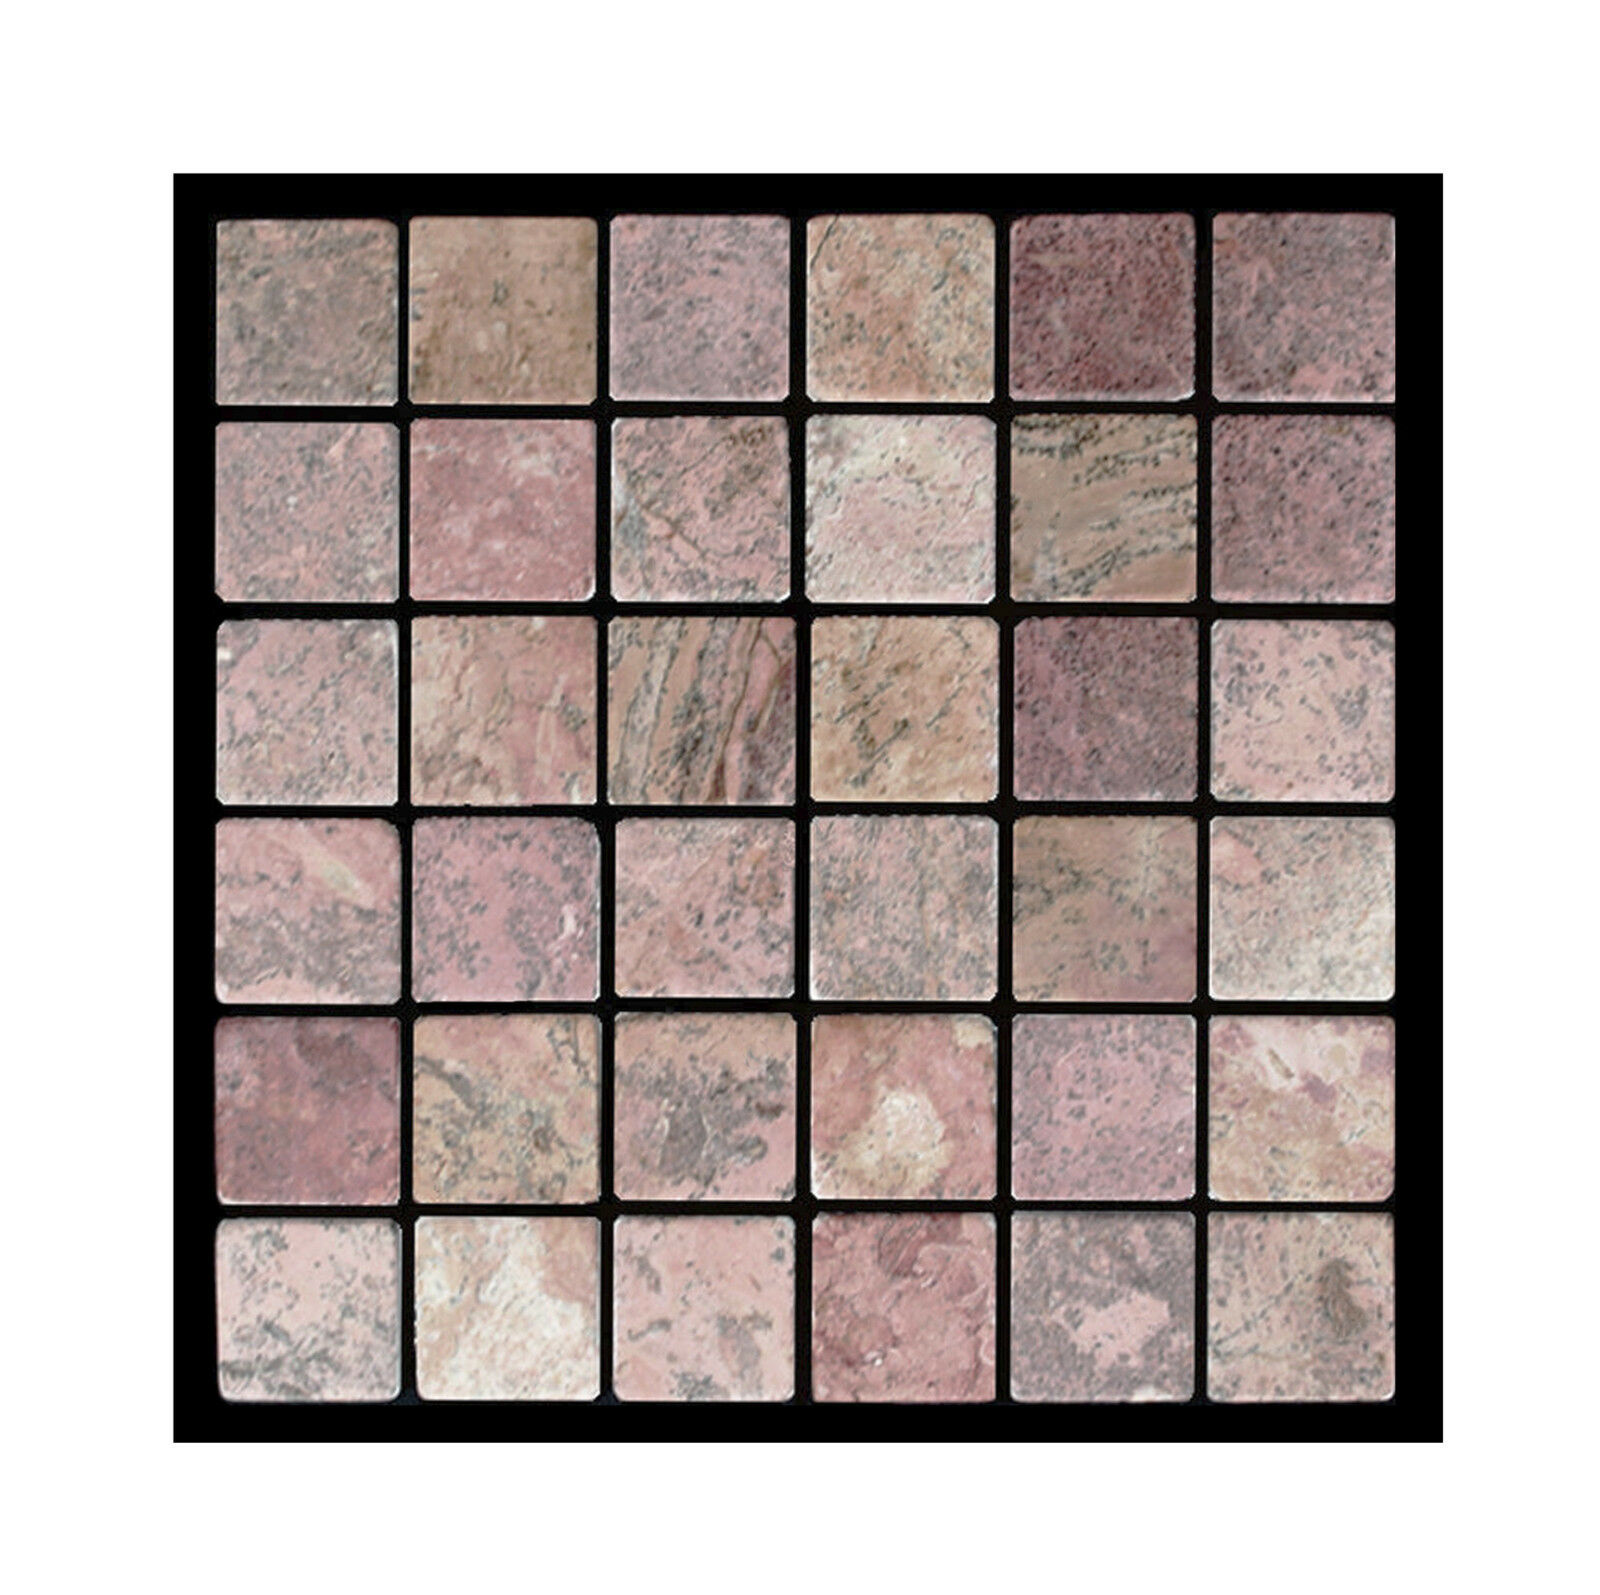 1 qm Marmor PA-802 Mosaik Fliesen Lager NRW - Steinmosaik Herne - Naturstein -